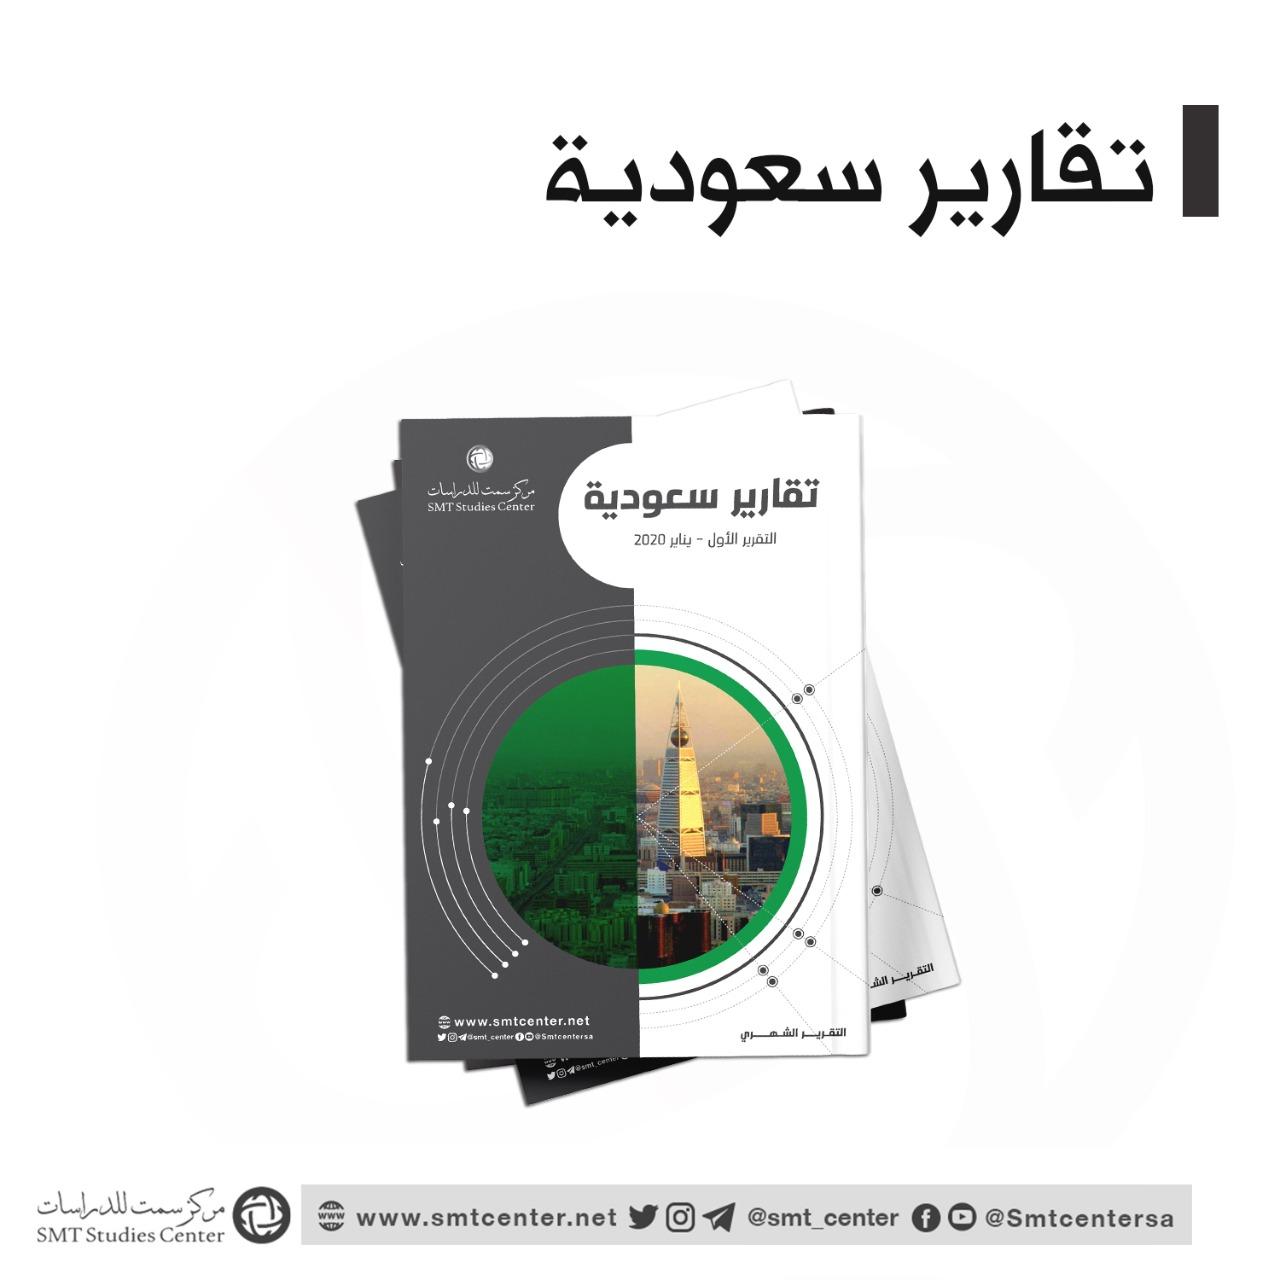 مركز سمت للدراسات » تقارير سعودية | التقرير الأول | يناير 2020